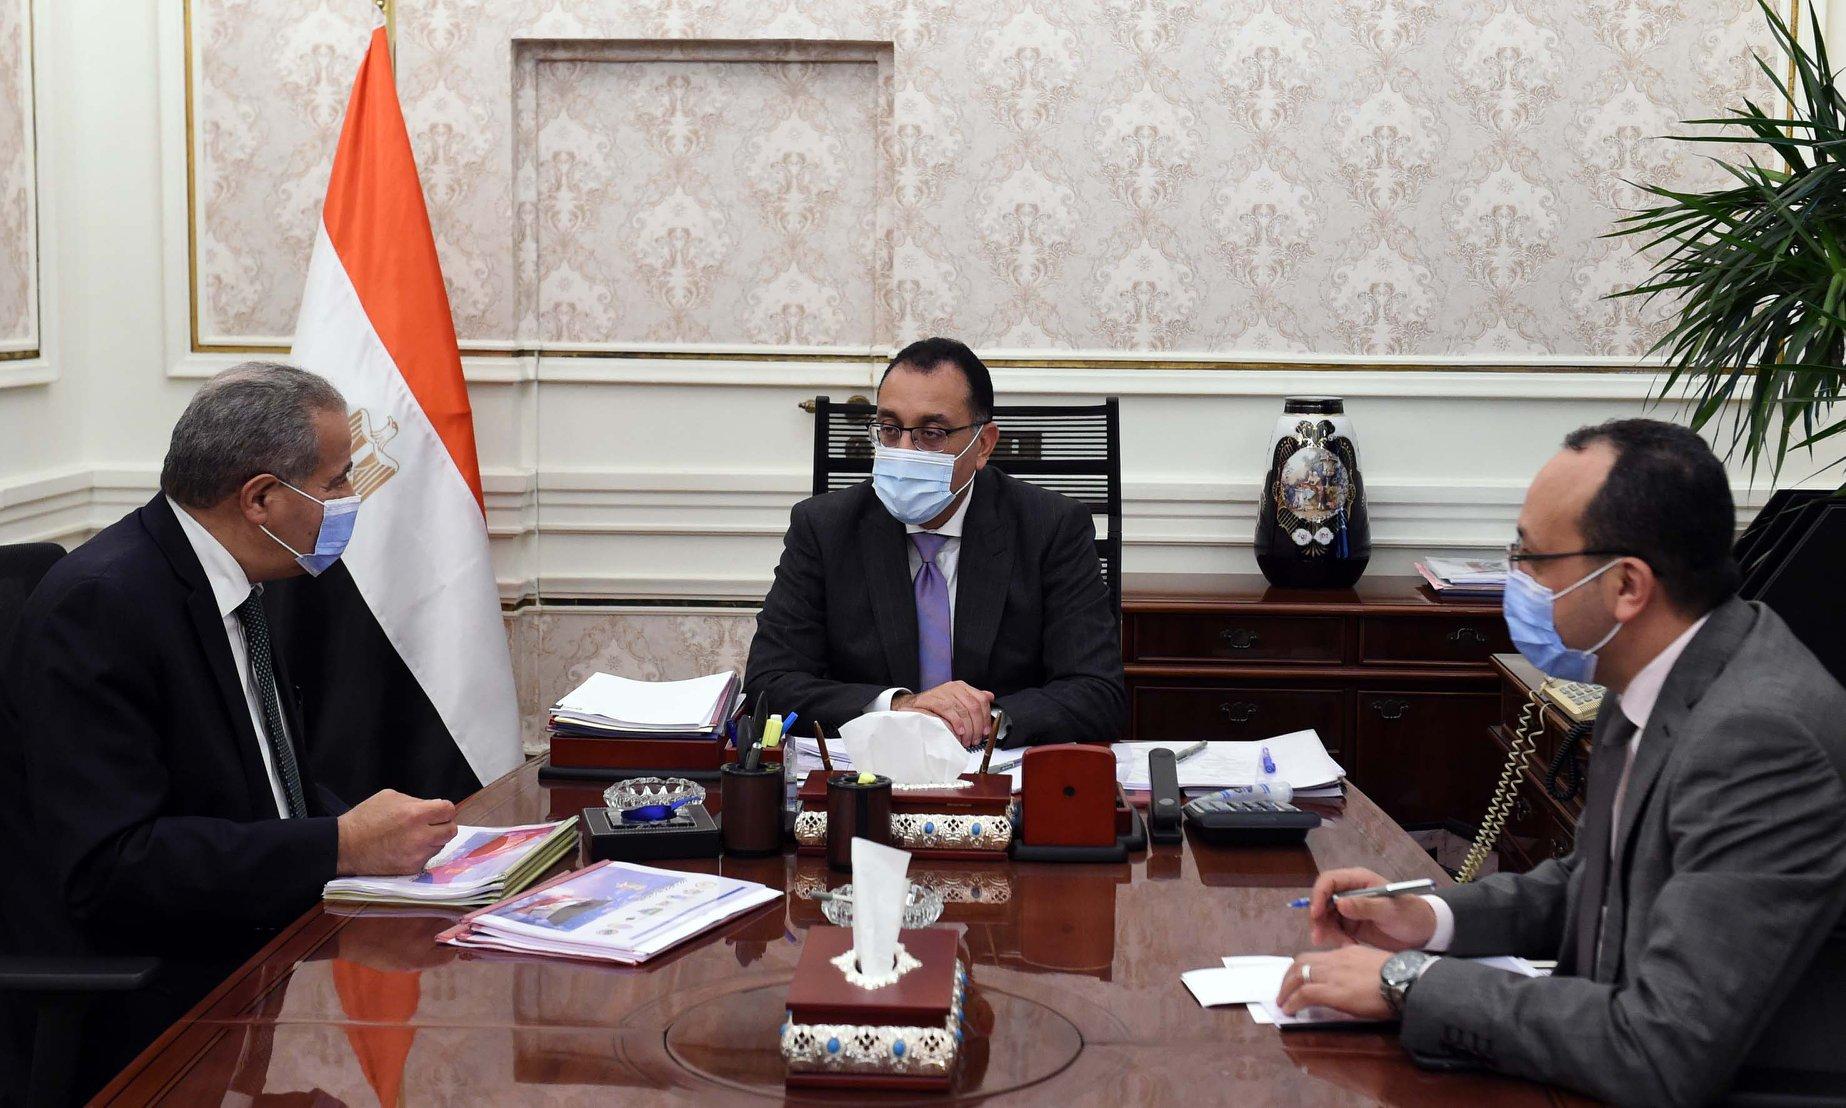 صور | مدبولى : توجيهات من الرئيس السيسي بتأمين مخزون استراتيجى من السلع